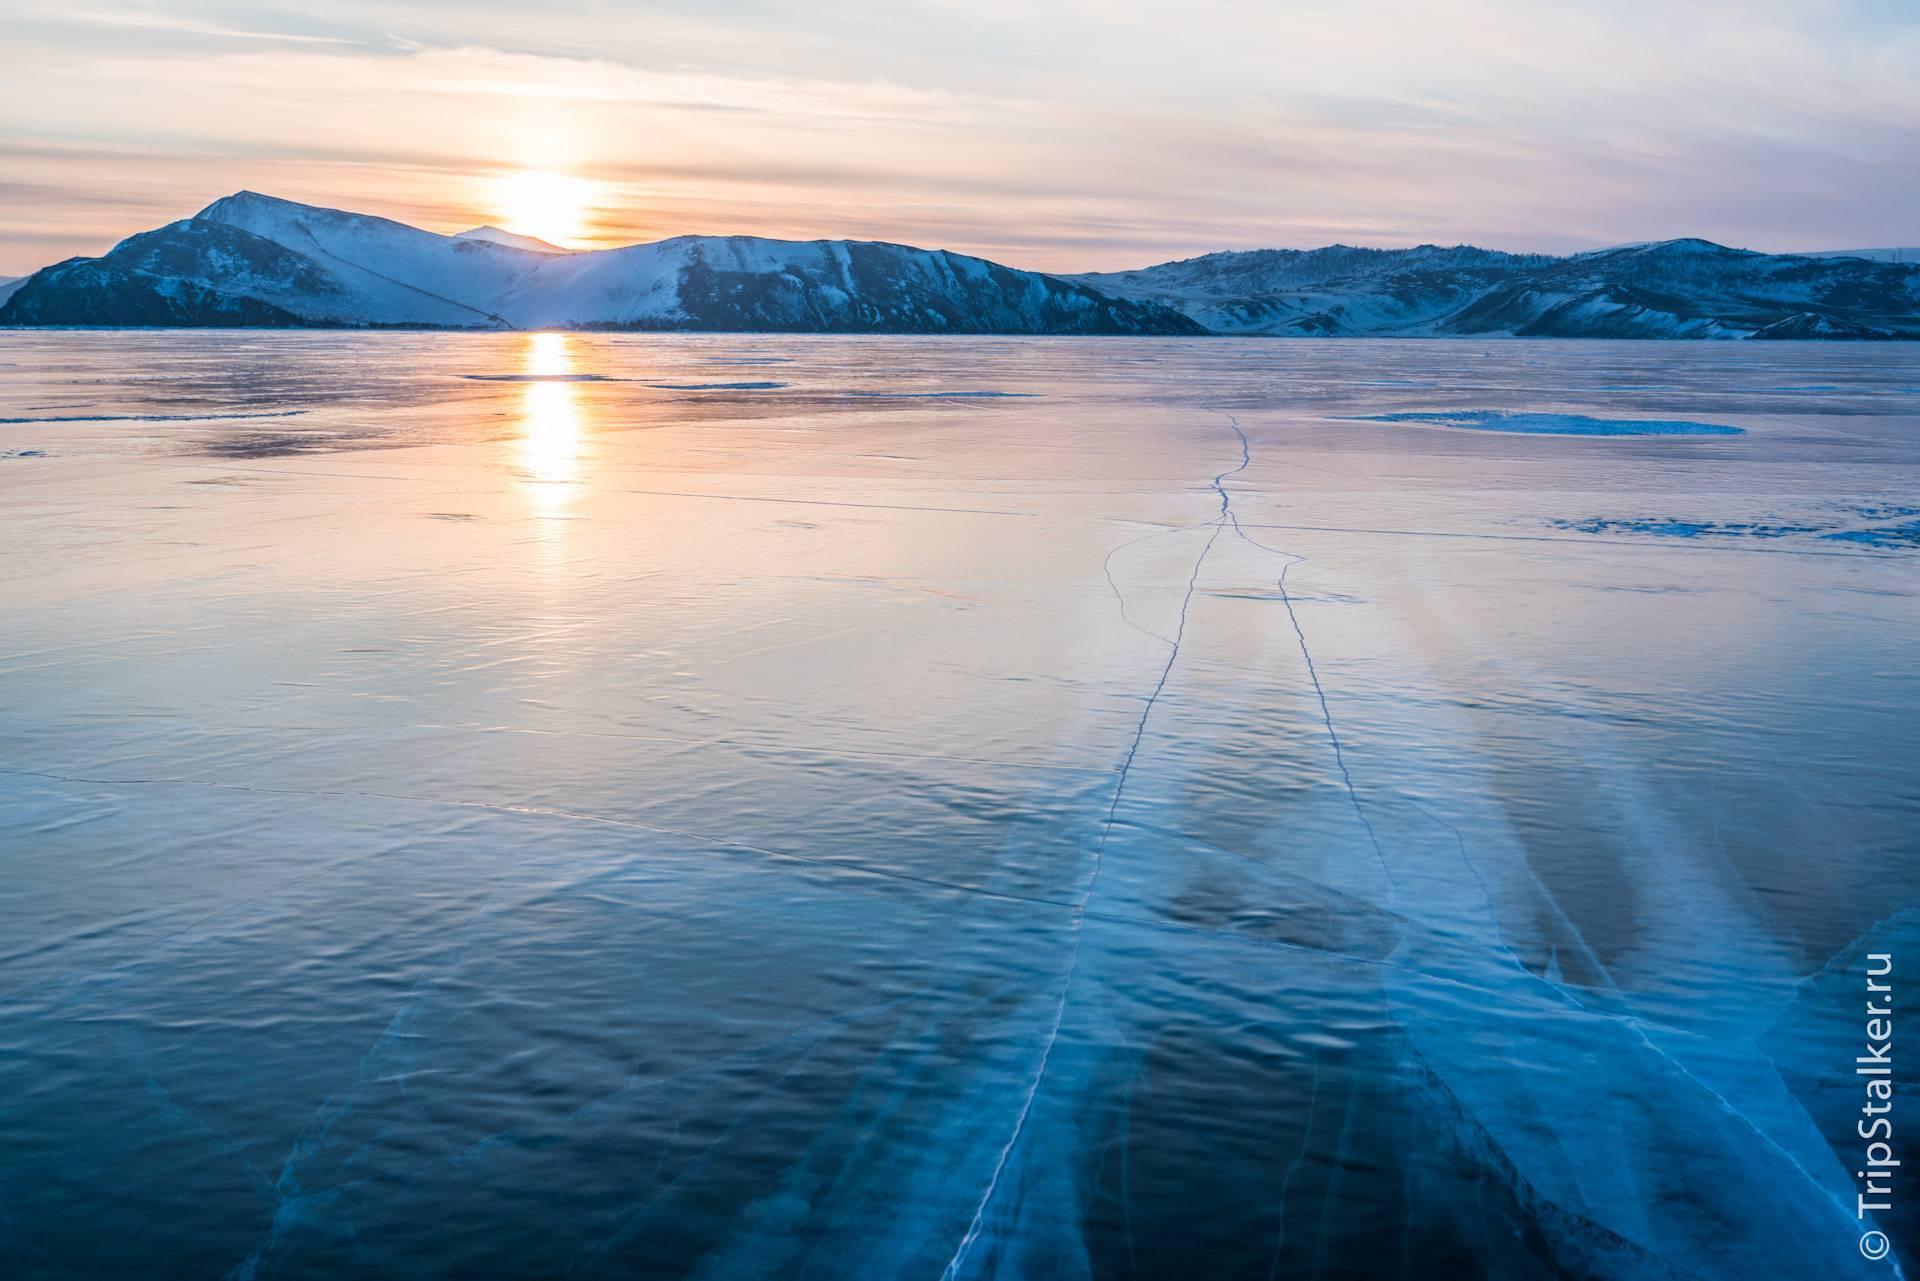 Не на коньках по льду байкала, или о чем молчат отчеты! — risk.ru